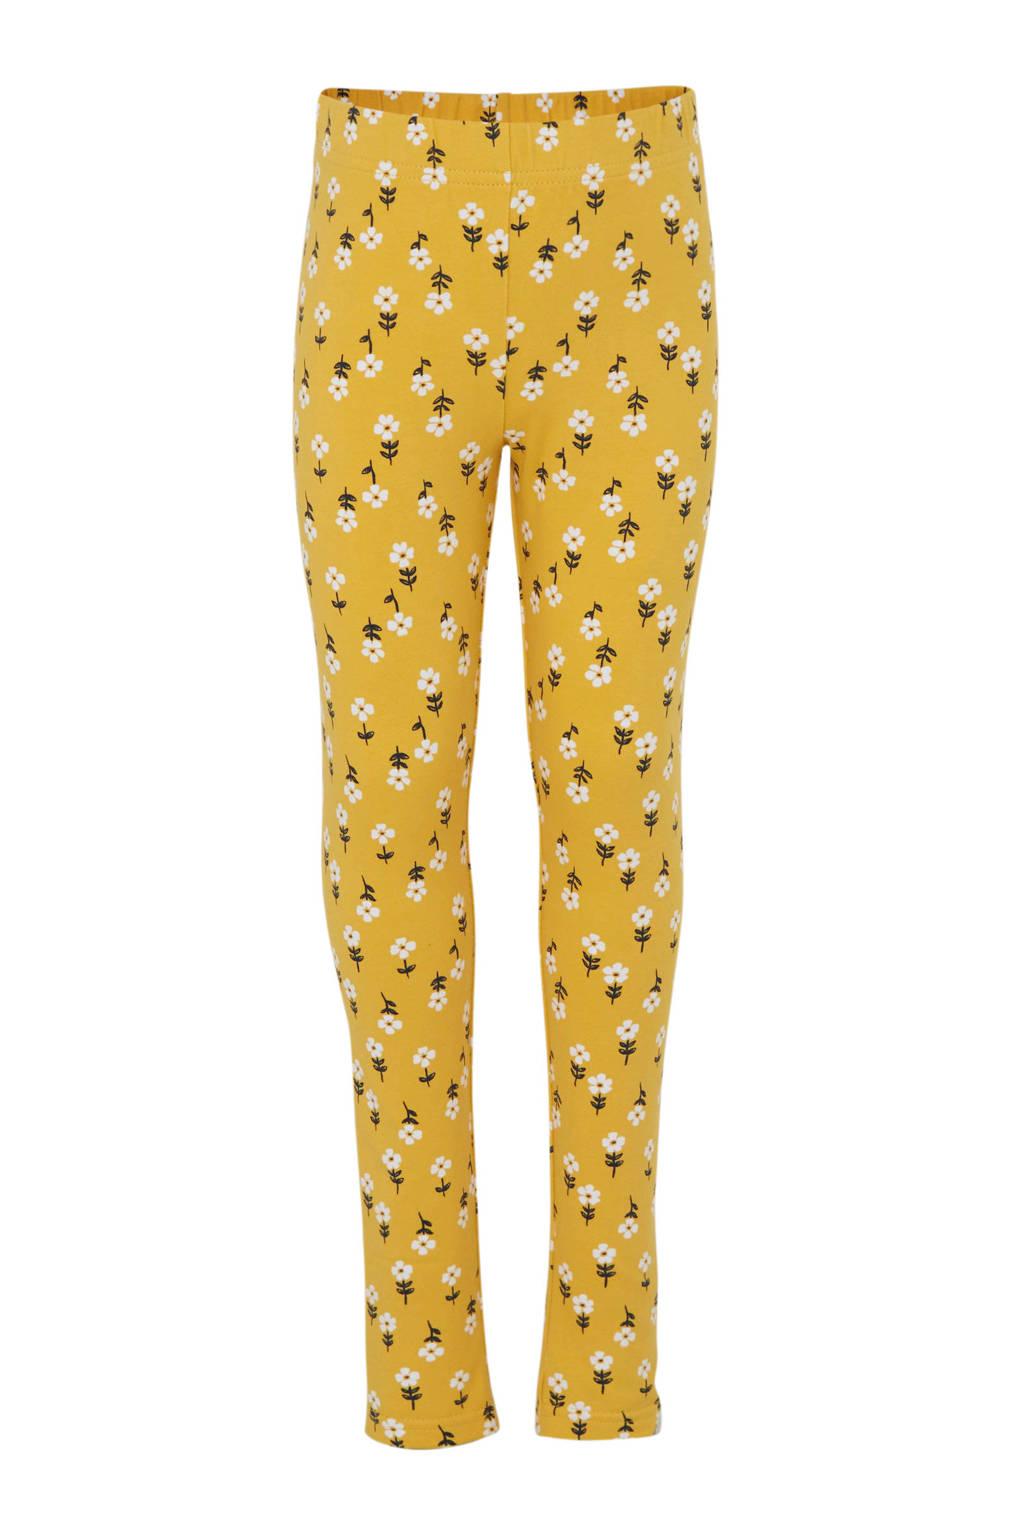 Carter's gebloemde legging geel, Geel